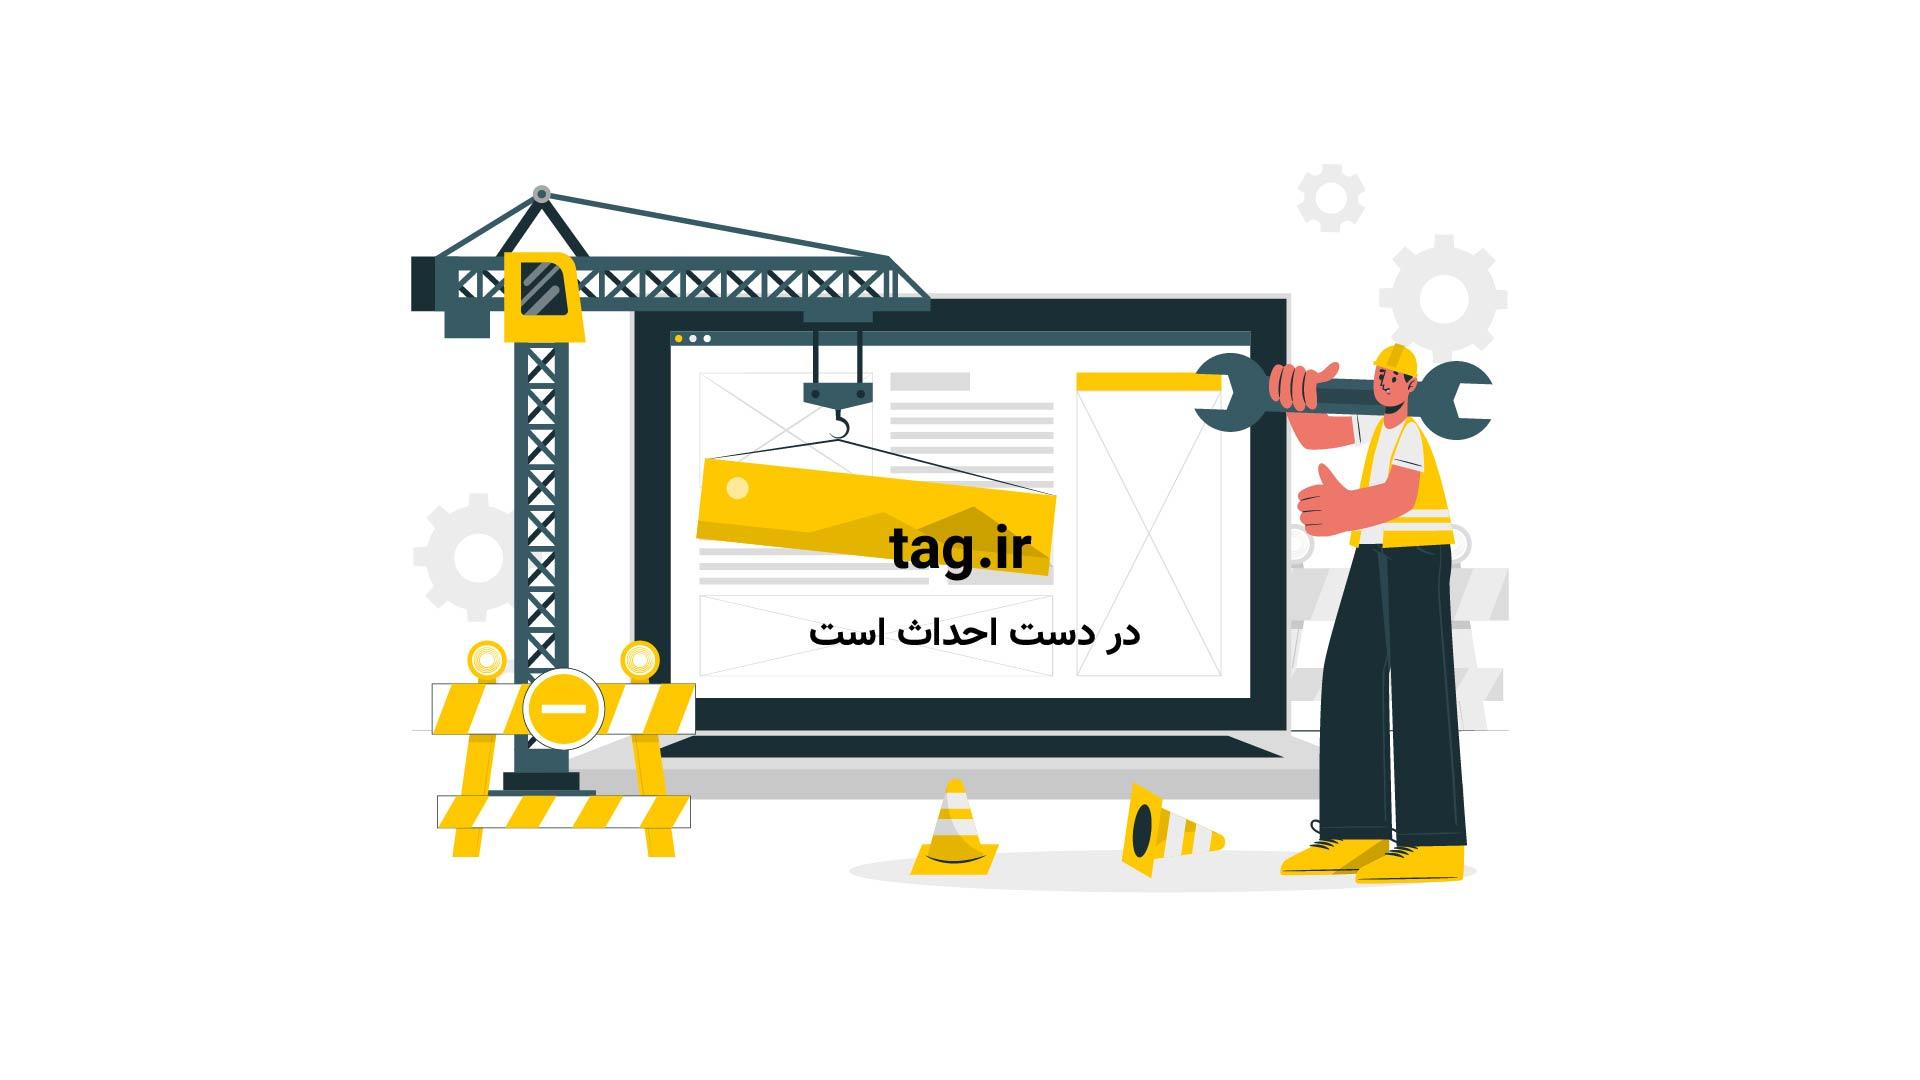 عناوین روزنامههای اقتصادی یکشنبه 5 دی | فیلم